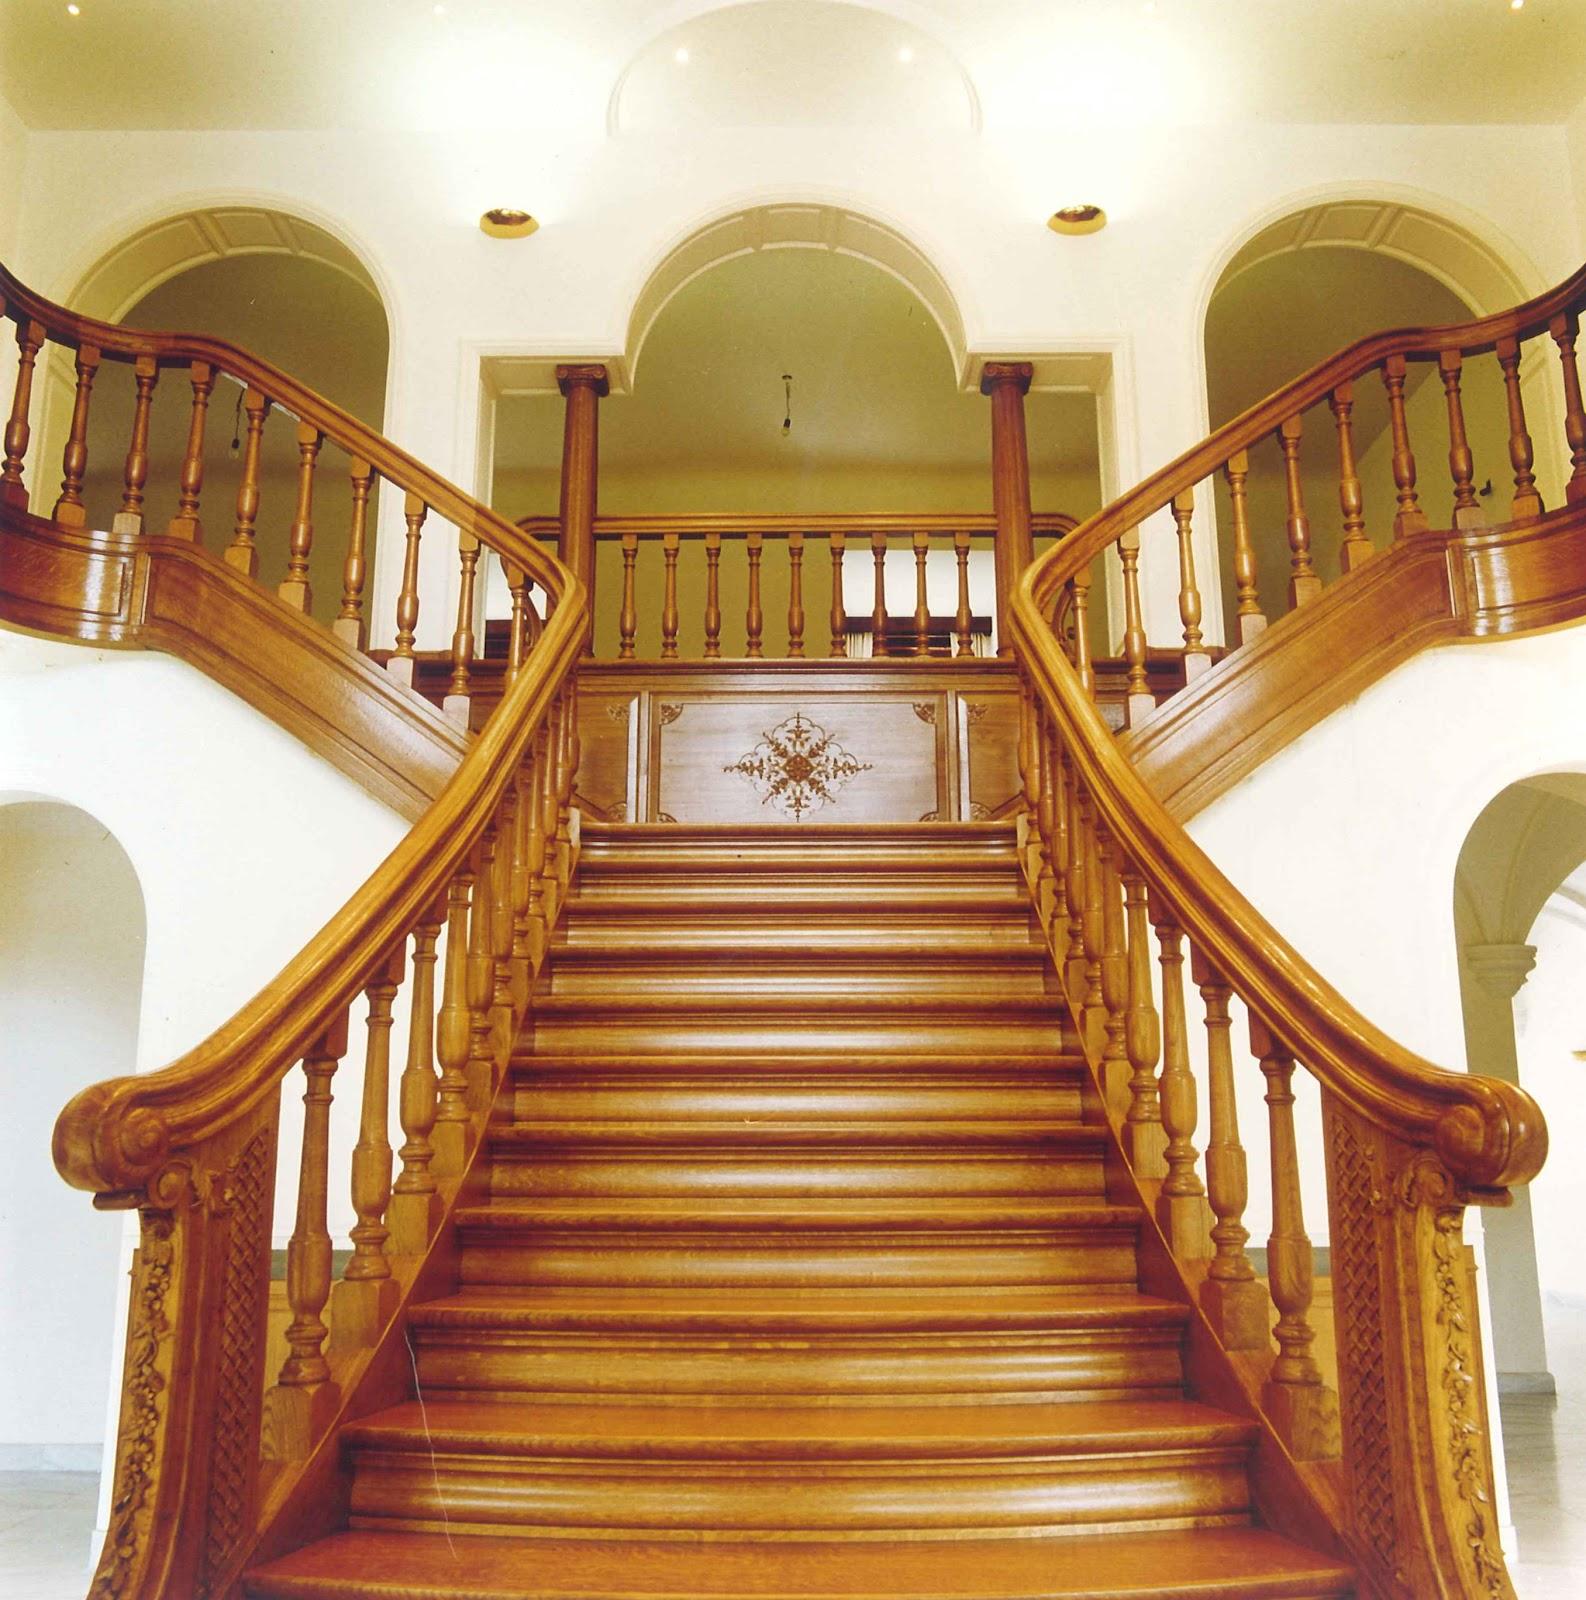 sculpture ornementale patrick damiaens d part d 39 escalier. Black Bedroom Furniture Sets. Home Design Ideas